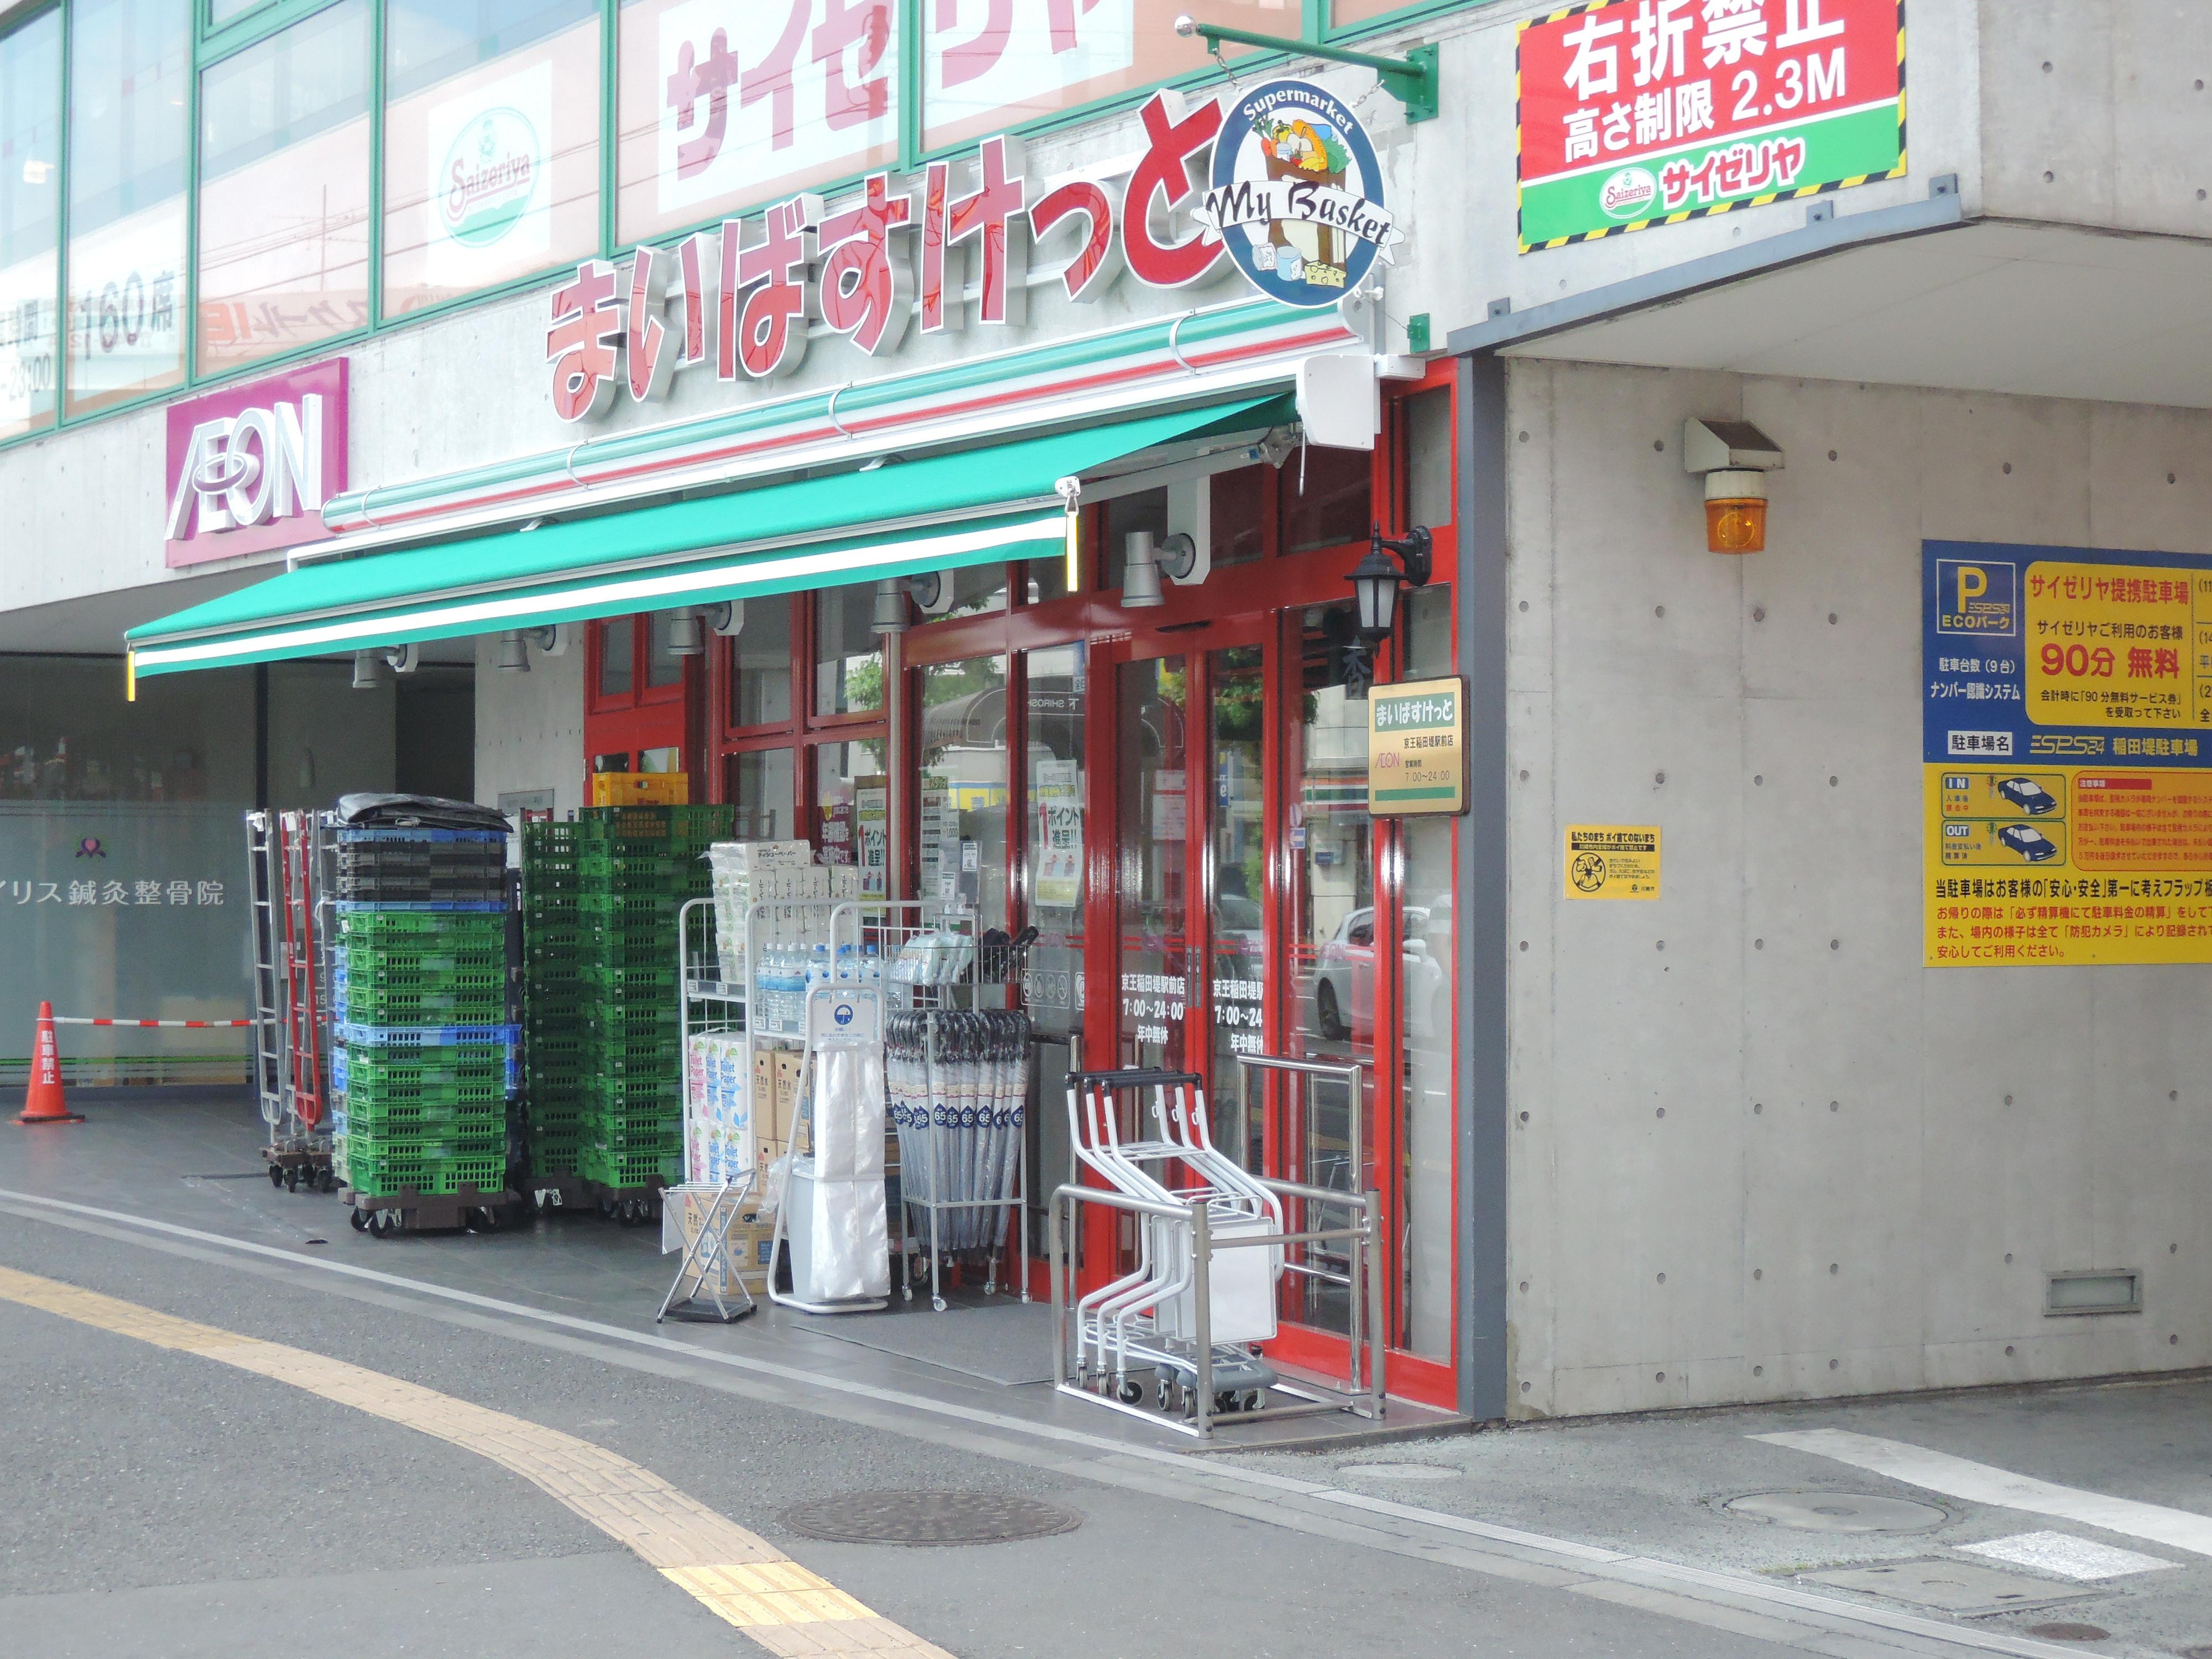 第2矢沢荘 周辺画像2